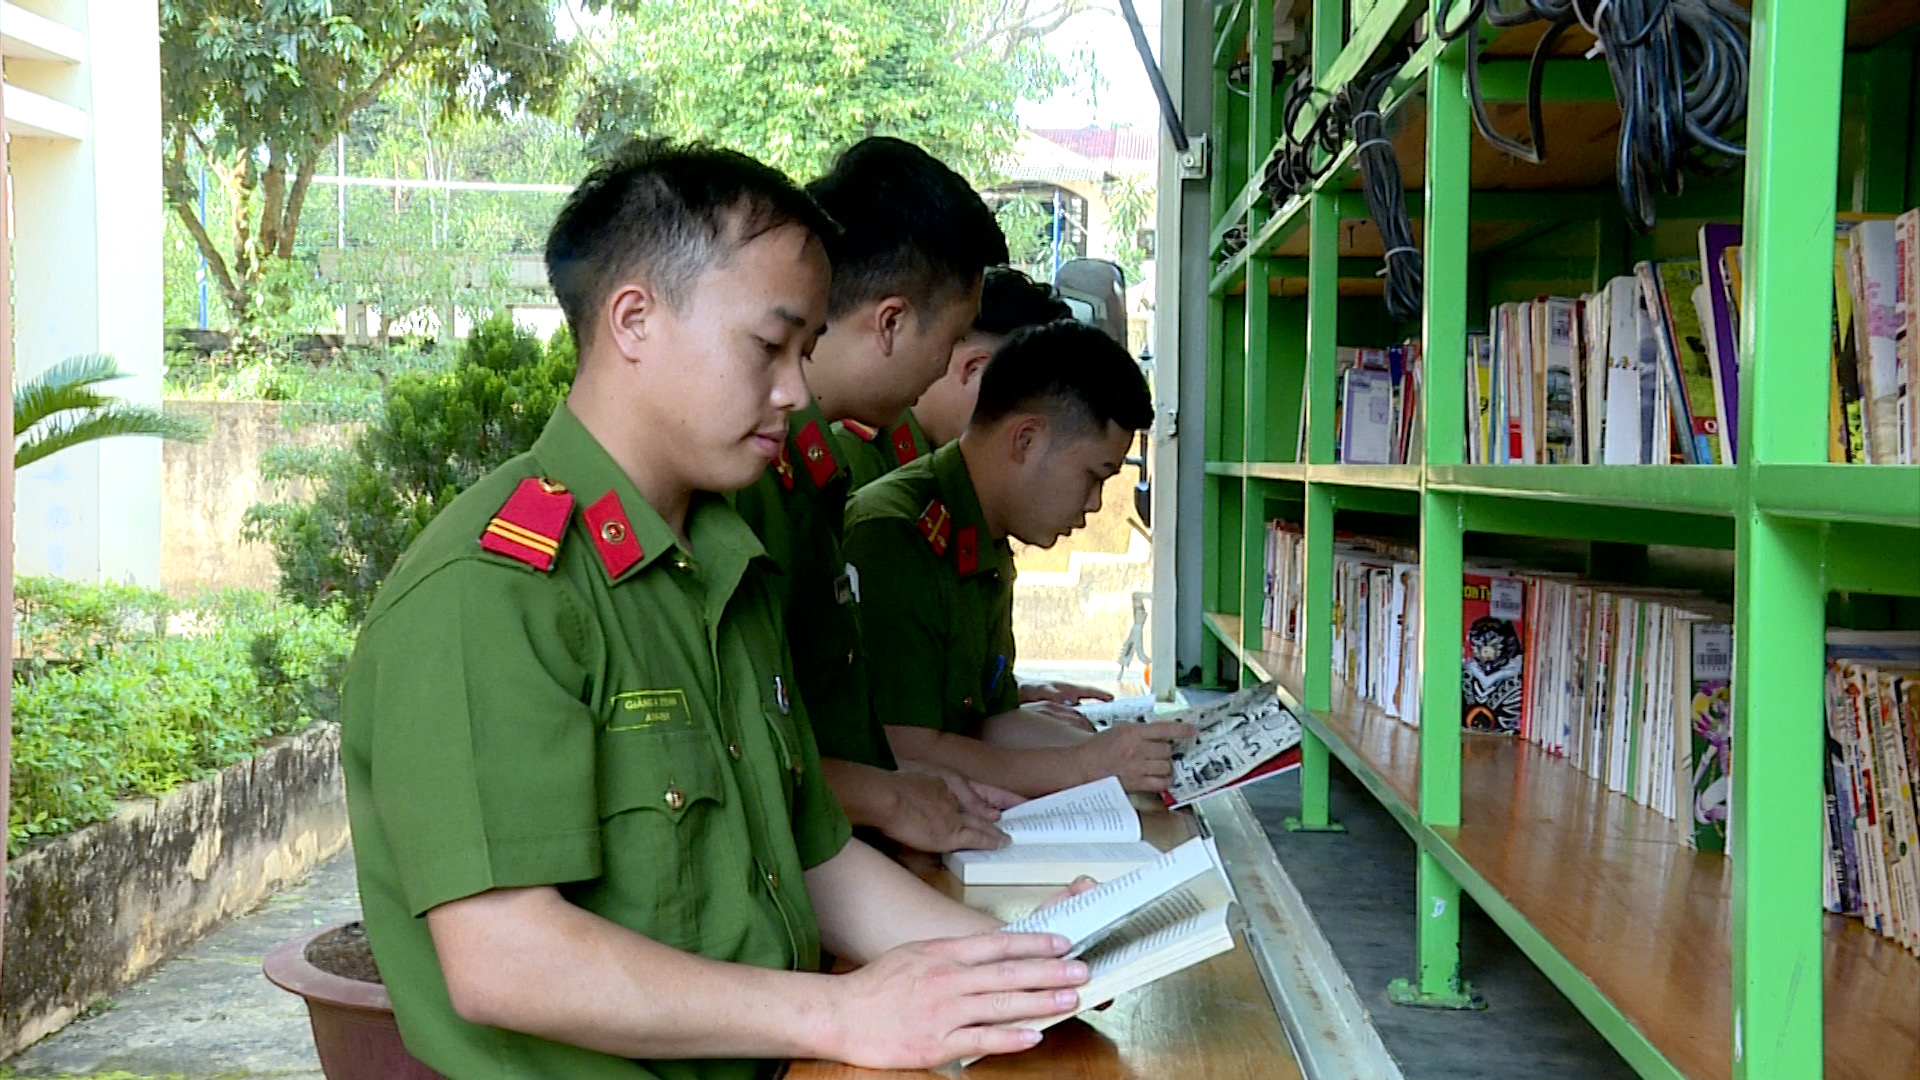 Triển lãm, tuyên truyền giới thiệu sách và hoạt động xe ô tô thư viện lưu động tại Trại tạm giam Công an tỉnh Sơn La